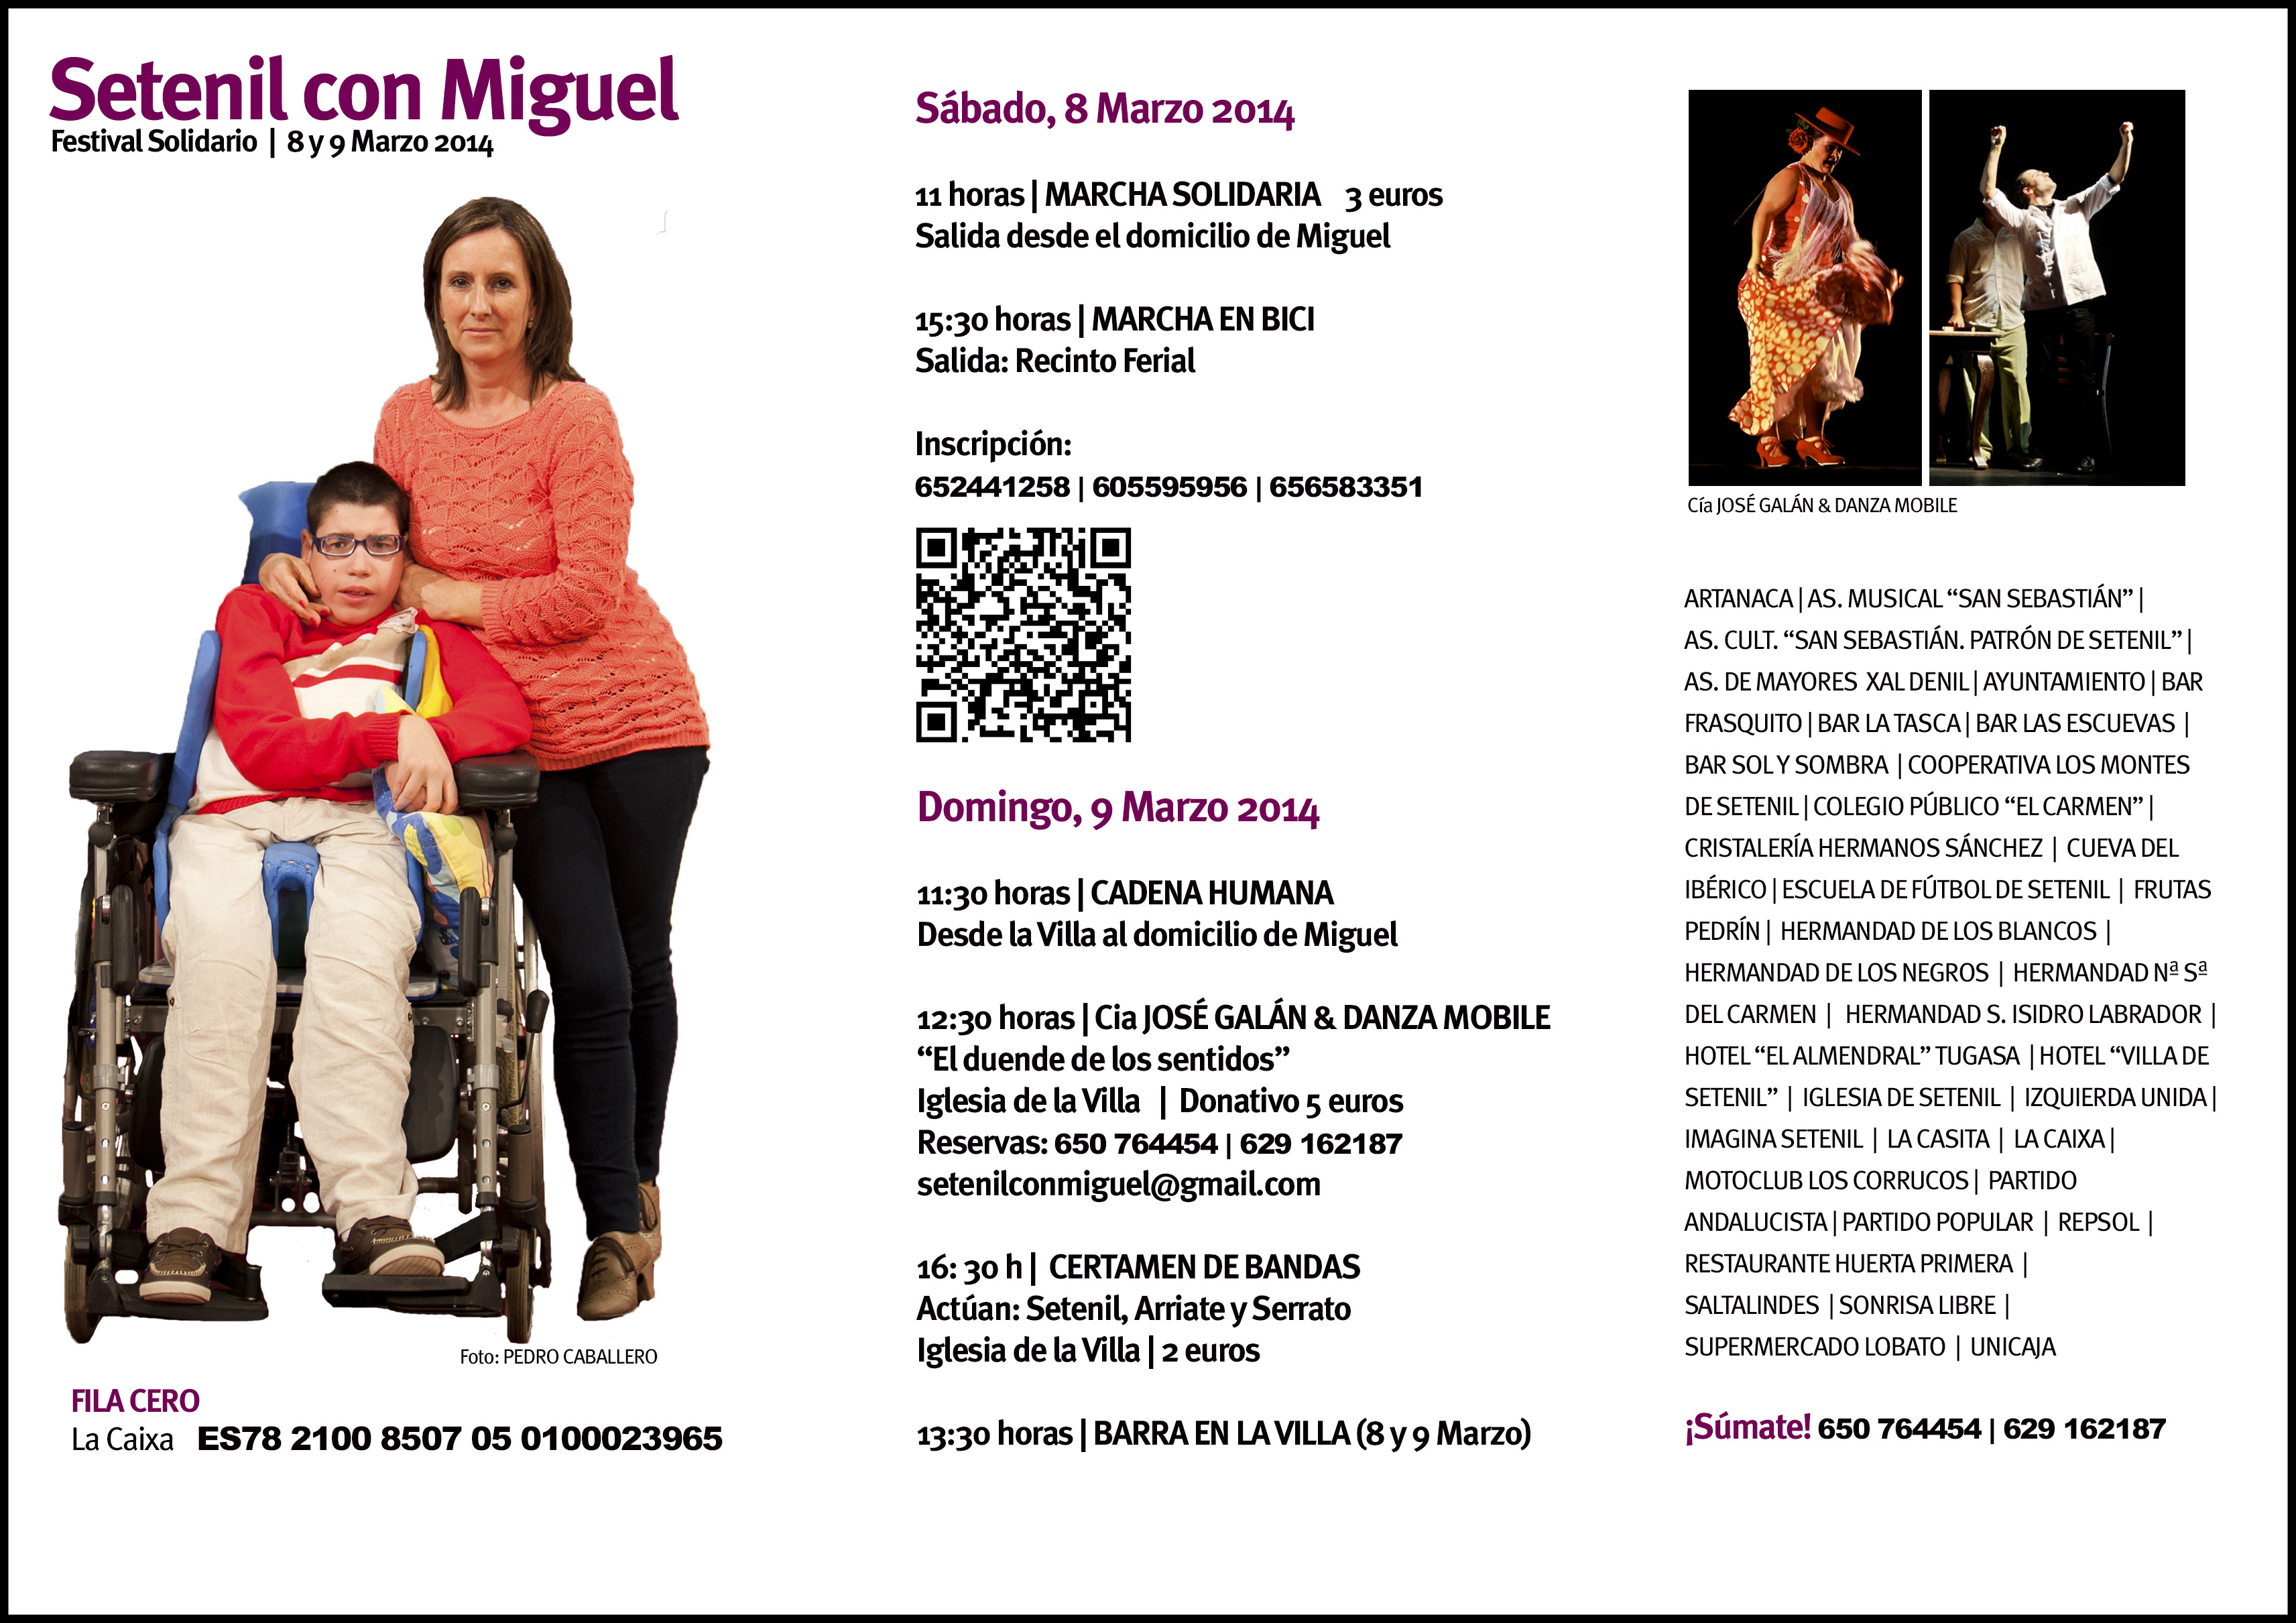 """Programa definitivo de las actividades del Festival Solidario """"Setenil con Miguel"""", el 8 y 9 de marzo"""